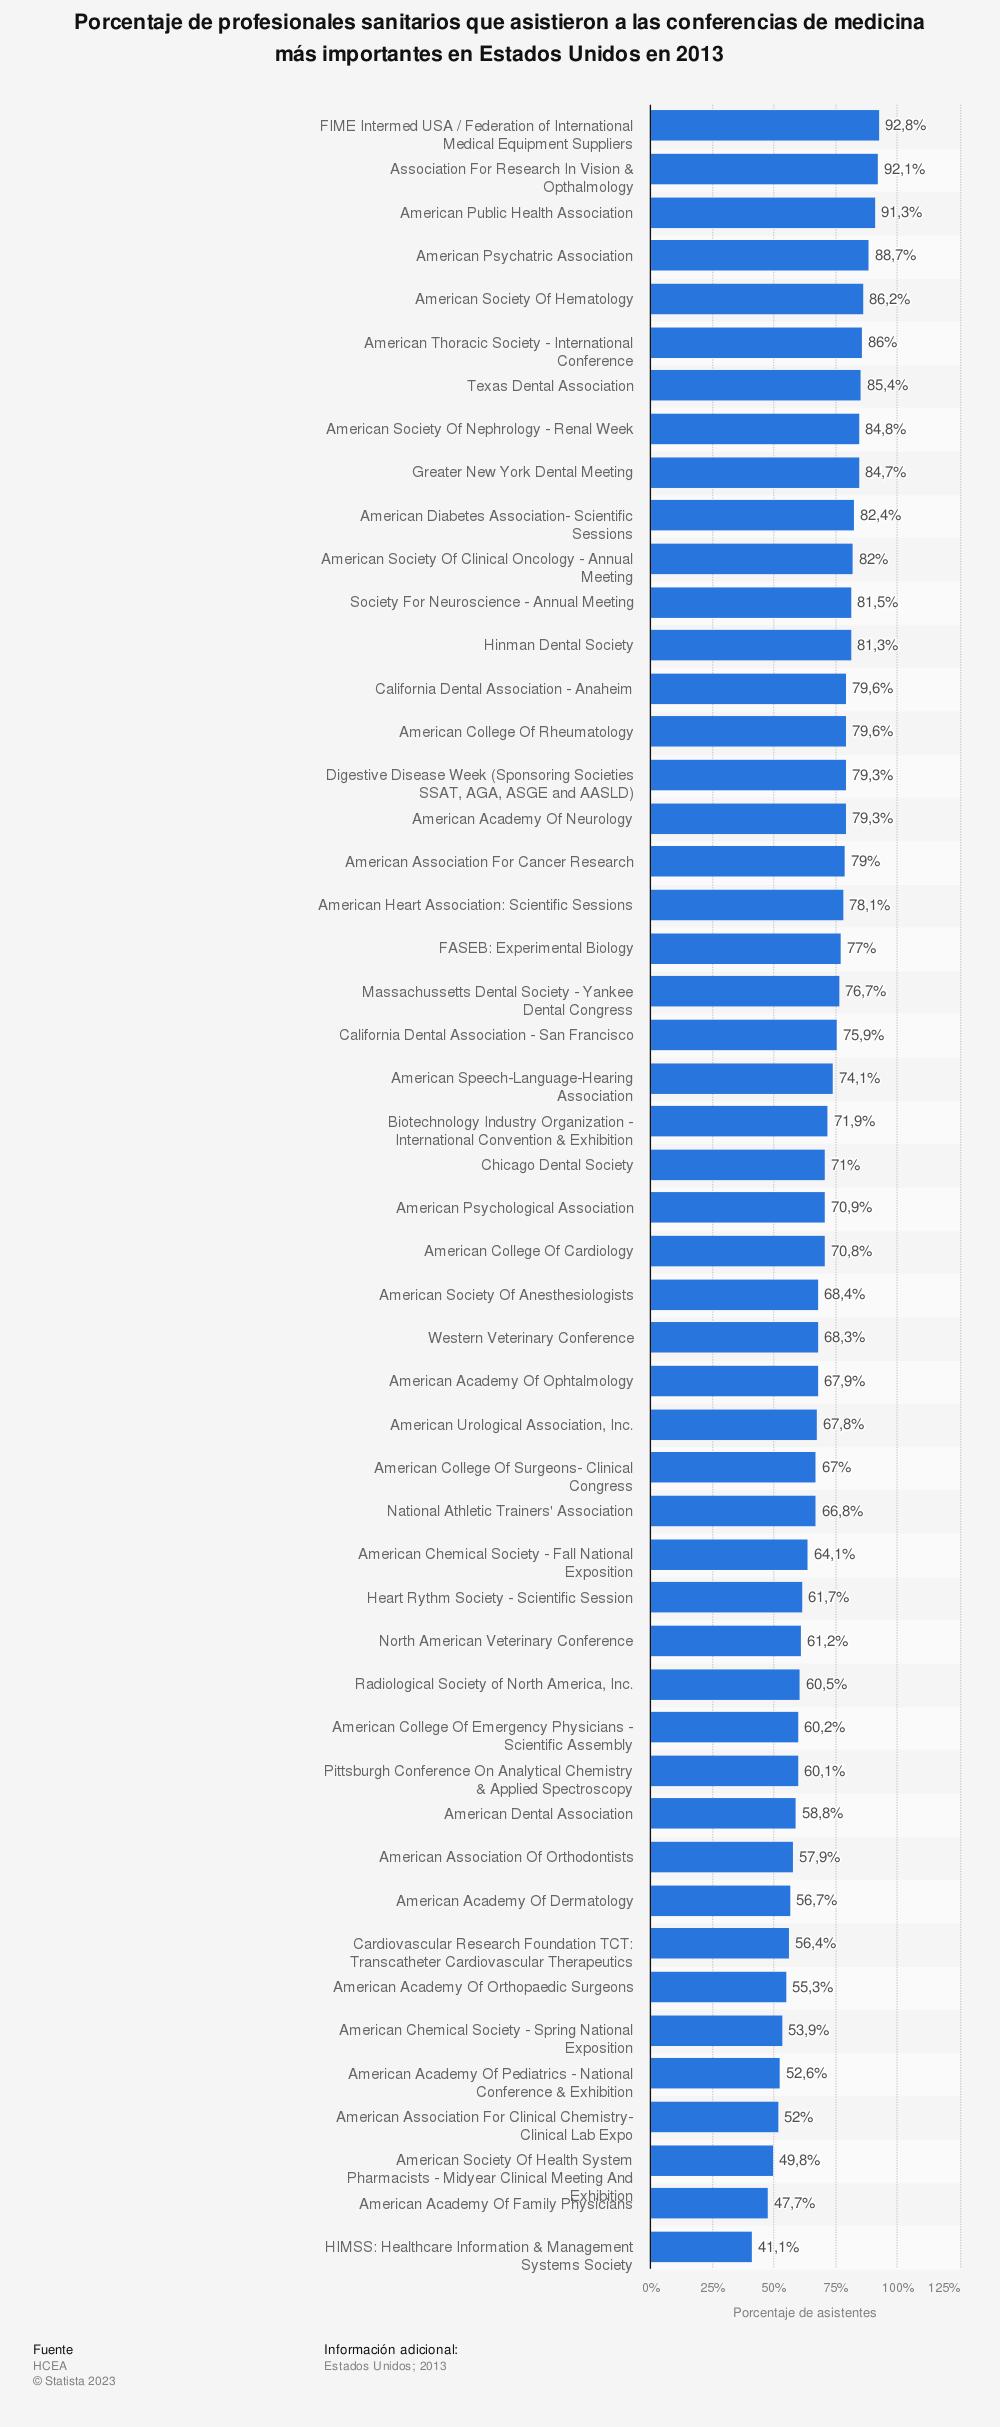 Estadística: Porcentaje de profesionales sanitarios que asistieron a las conferencias de medicina más importantes en Estados Unidos en 2013 | Statista